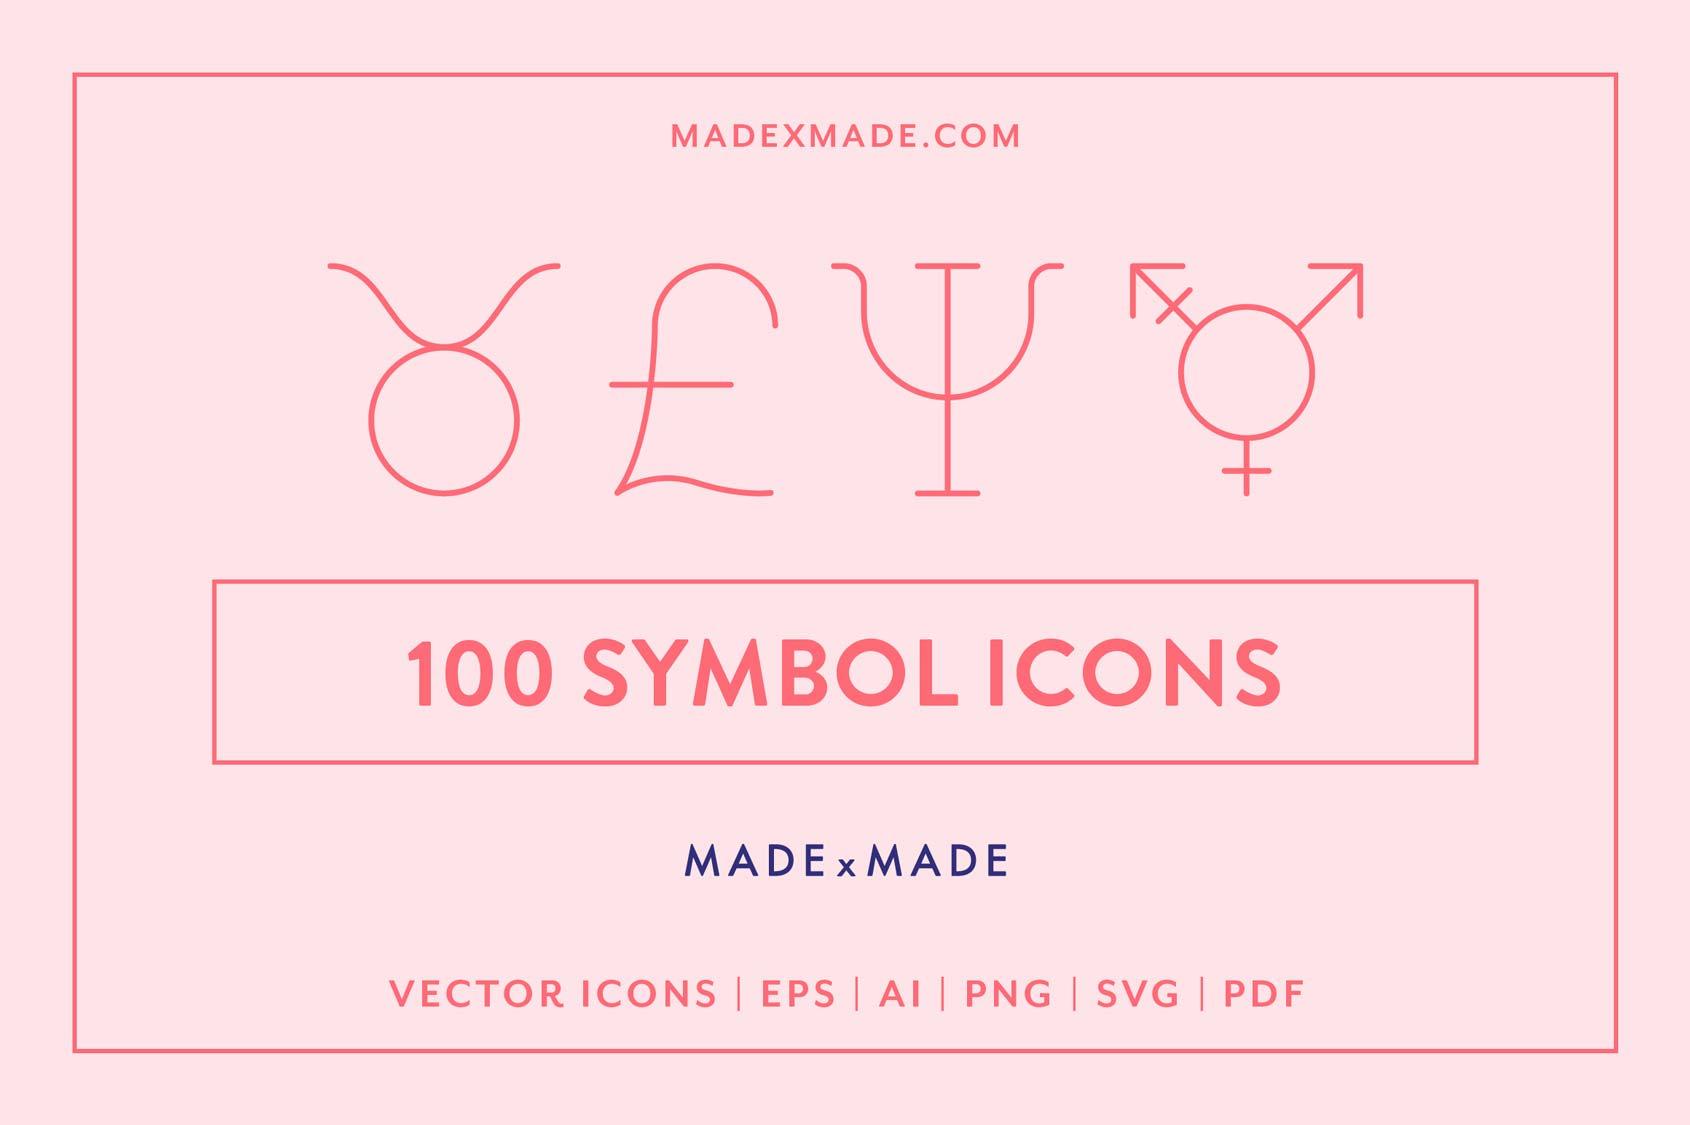 made x made icons symbols